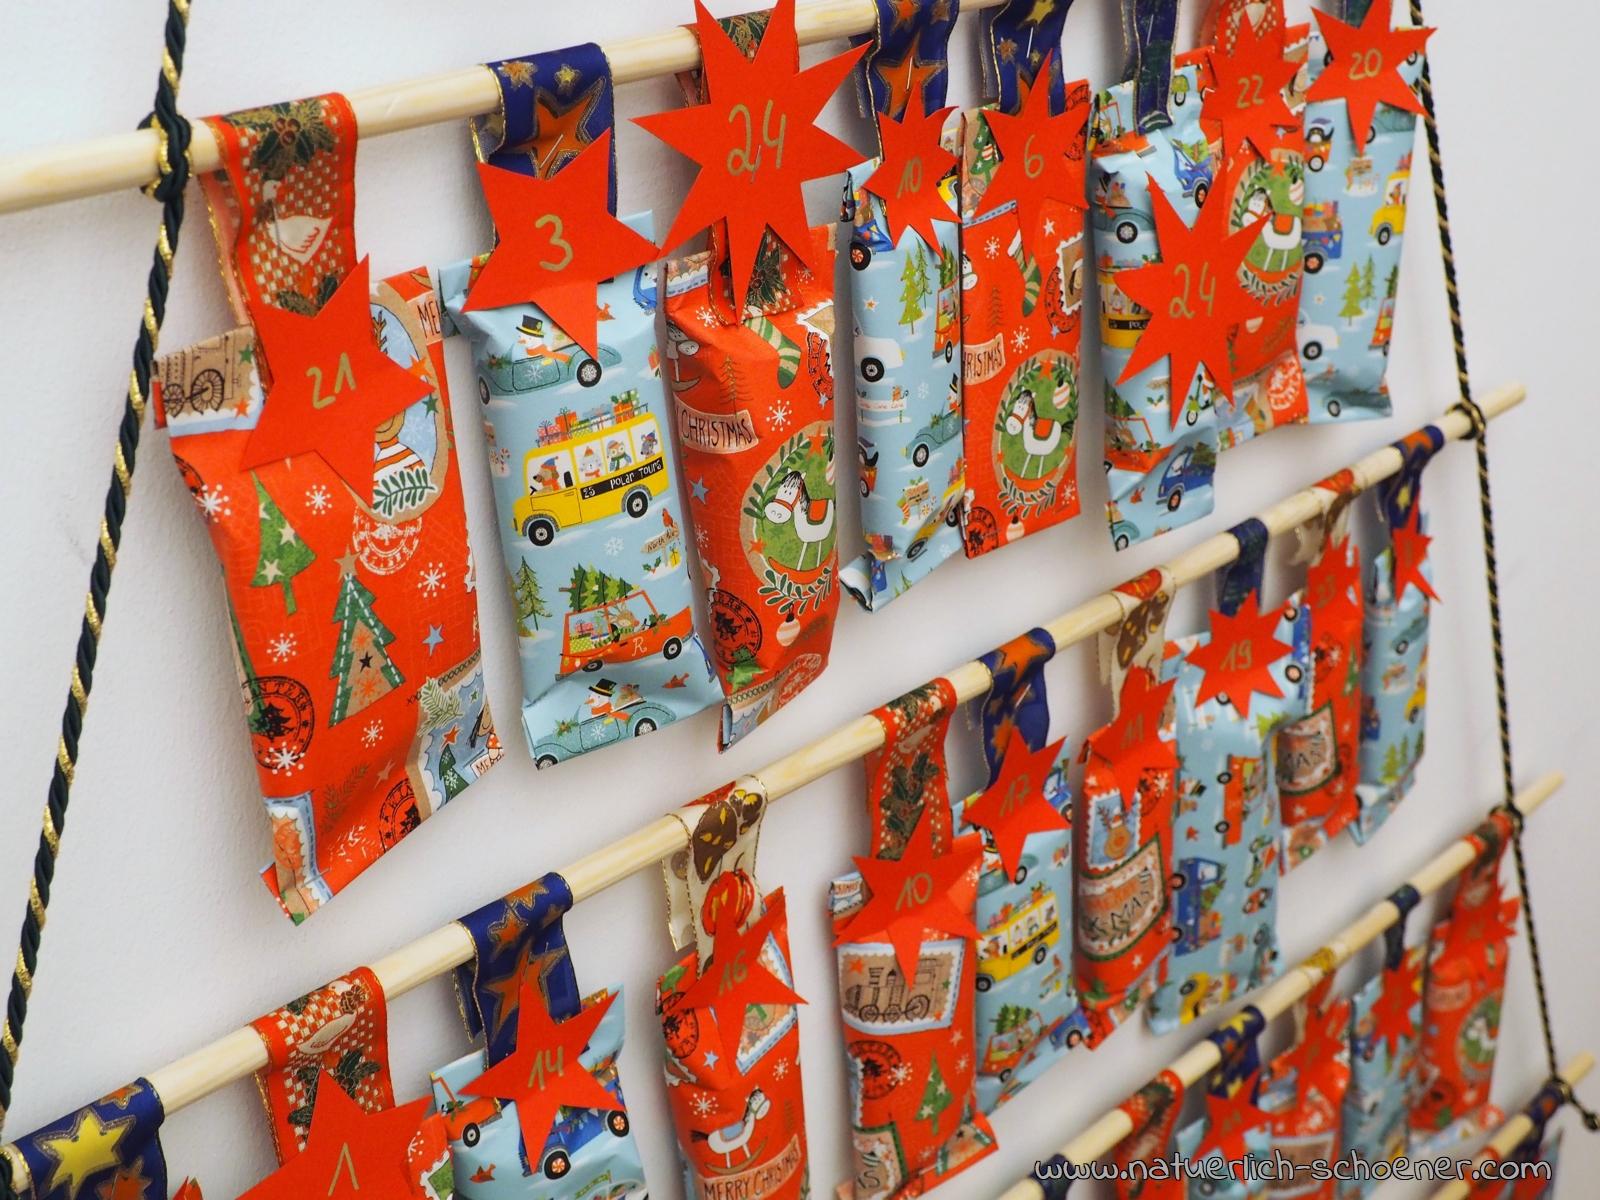 Diy Adventkalender Für Kinder – Ganz Einfach Und Schnell ganzes Einfacher Adventskalender Basteln